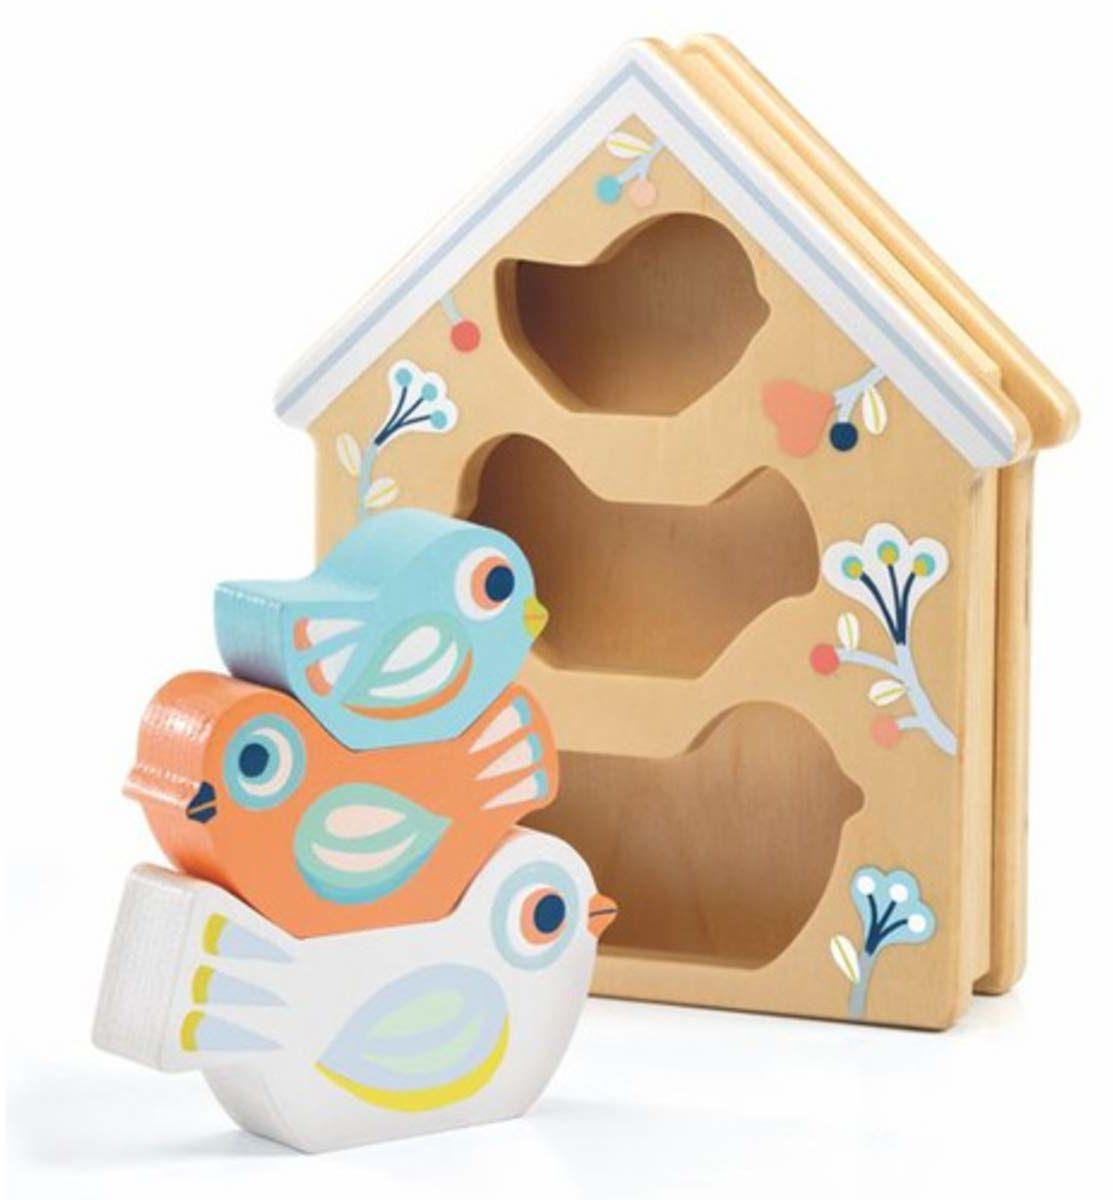 DJECO - Puzzle BabyBirdi (36123)